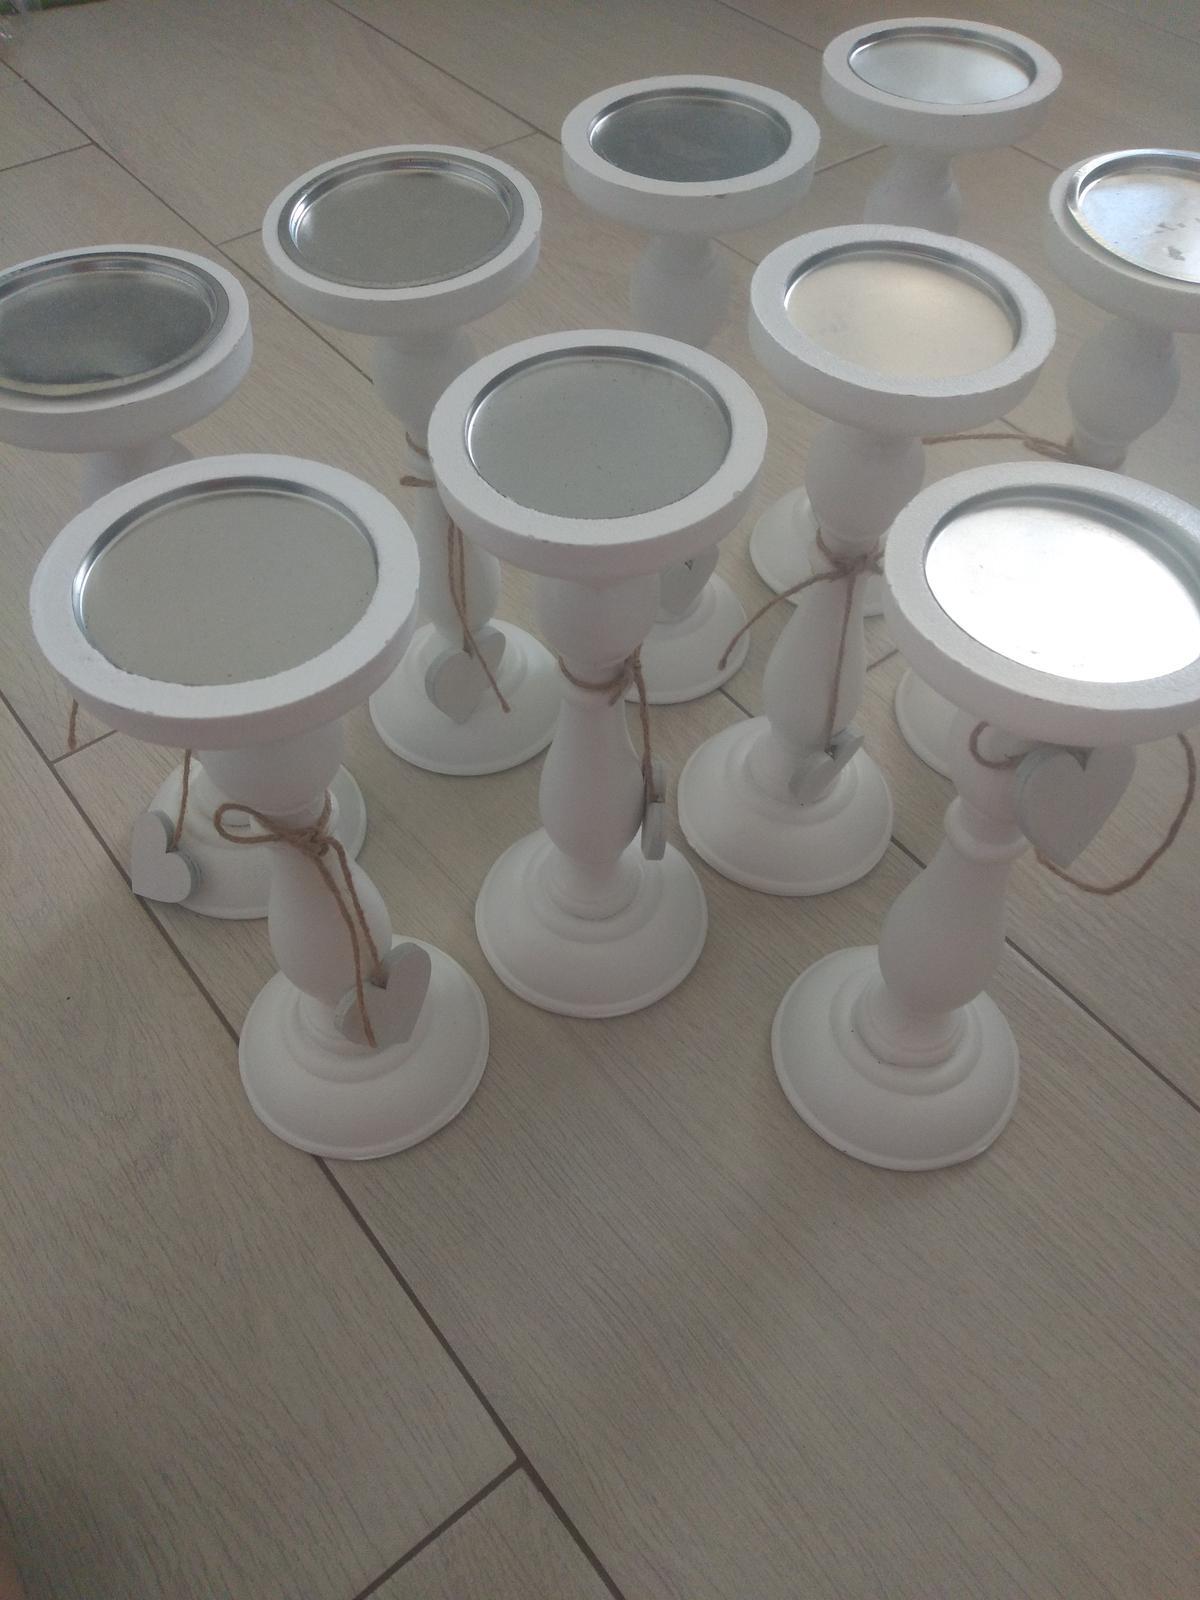 Biele svietniky - Obrázok č. 3